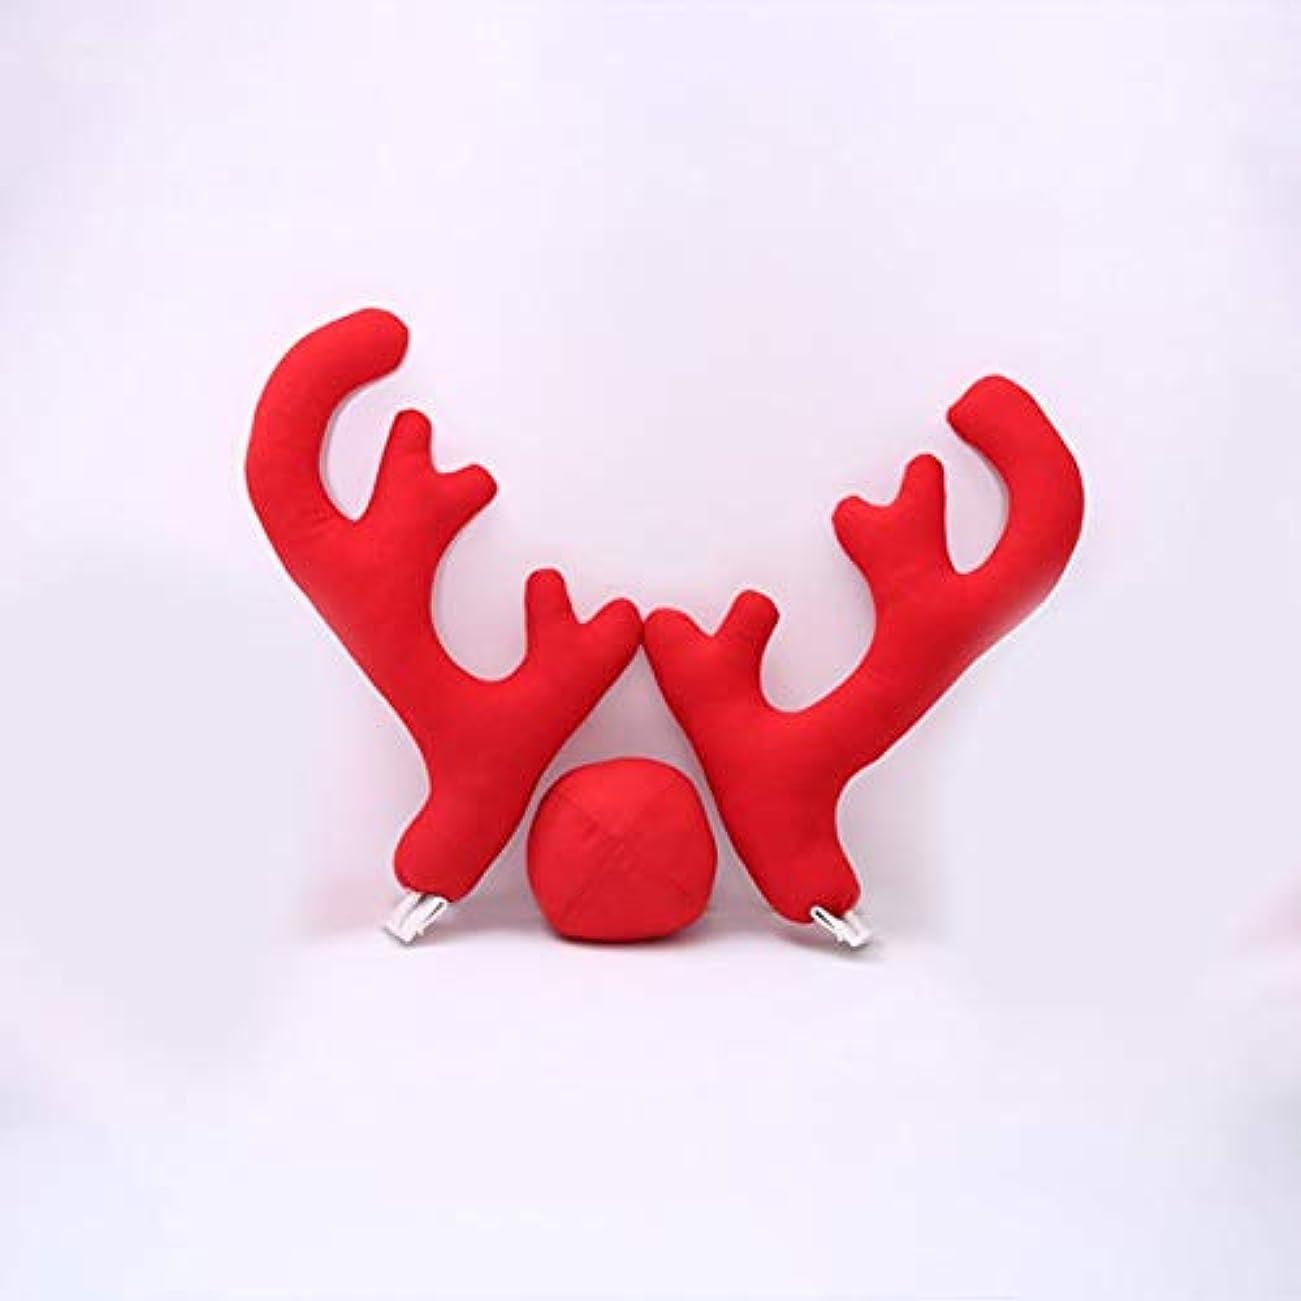 滑るレルムこれらSaikogoods 2アントラーズ1枚のトナカイ鼻2 Mirrowカバーで新しいデザインクリエイティブクリスマスオートカーコスチュームの装飾フルセット 赤